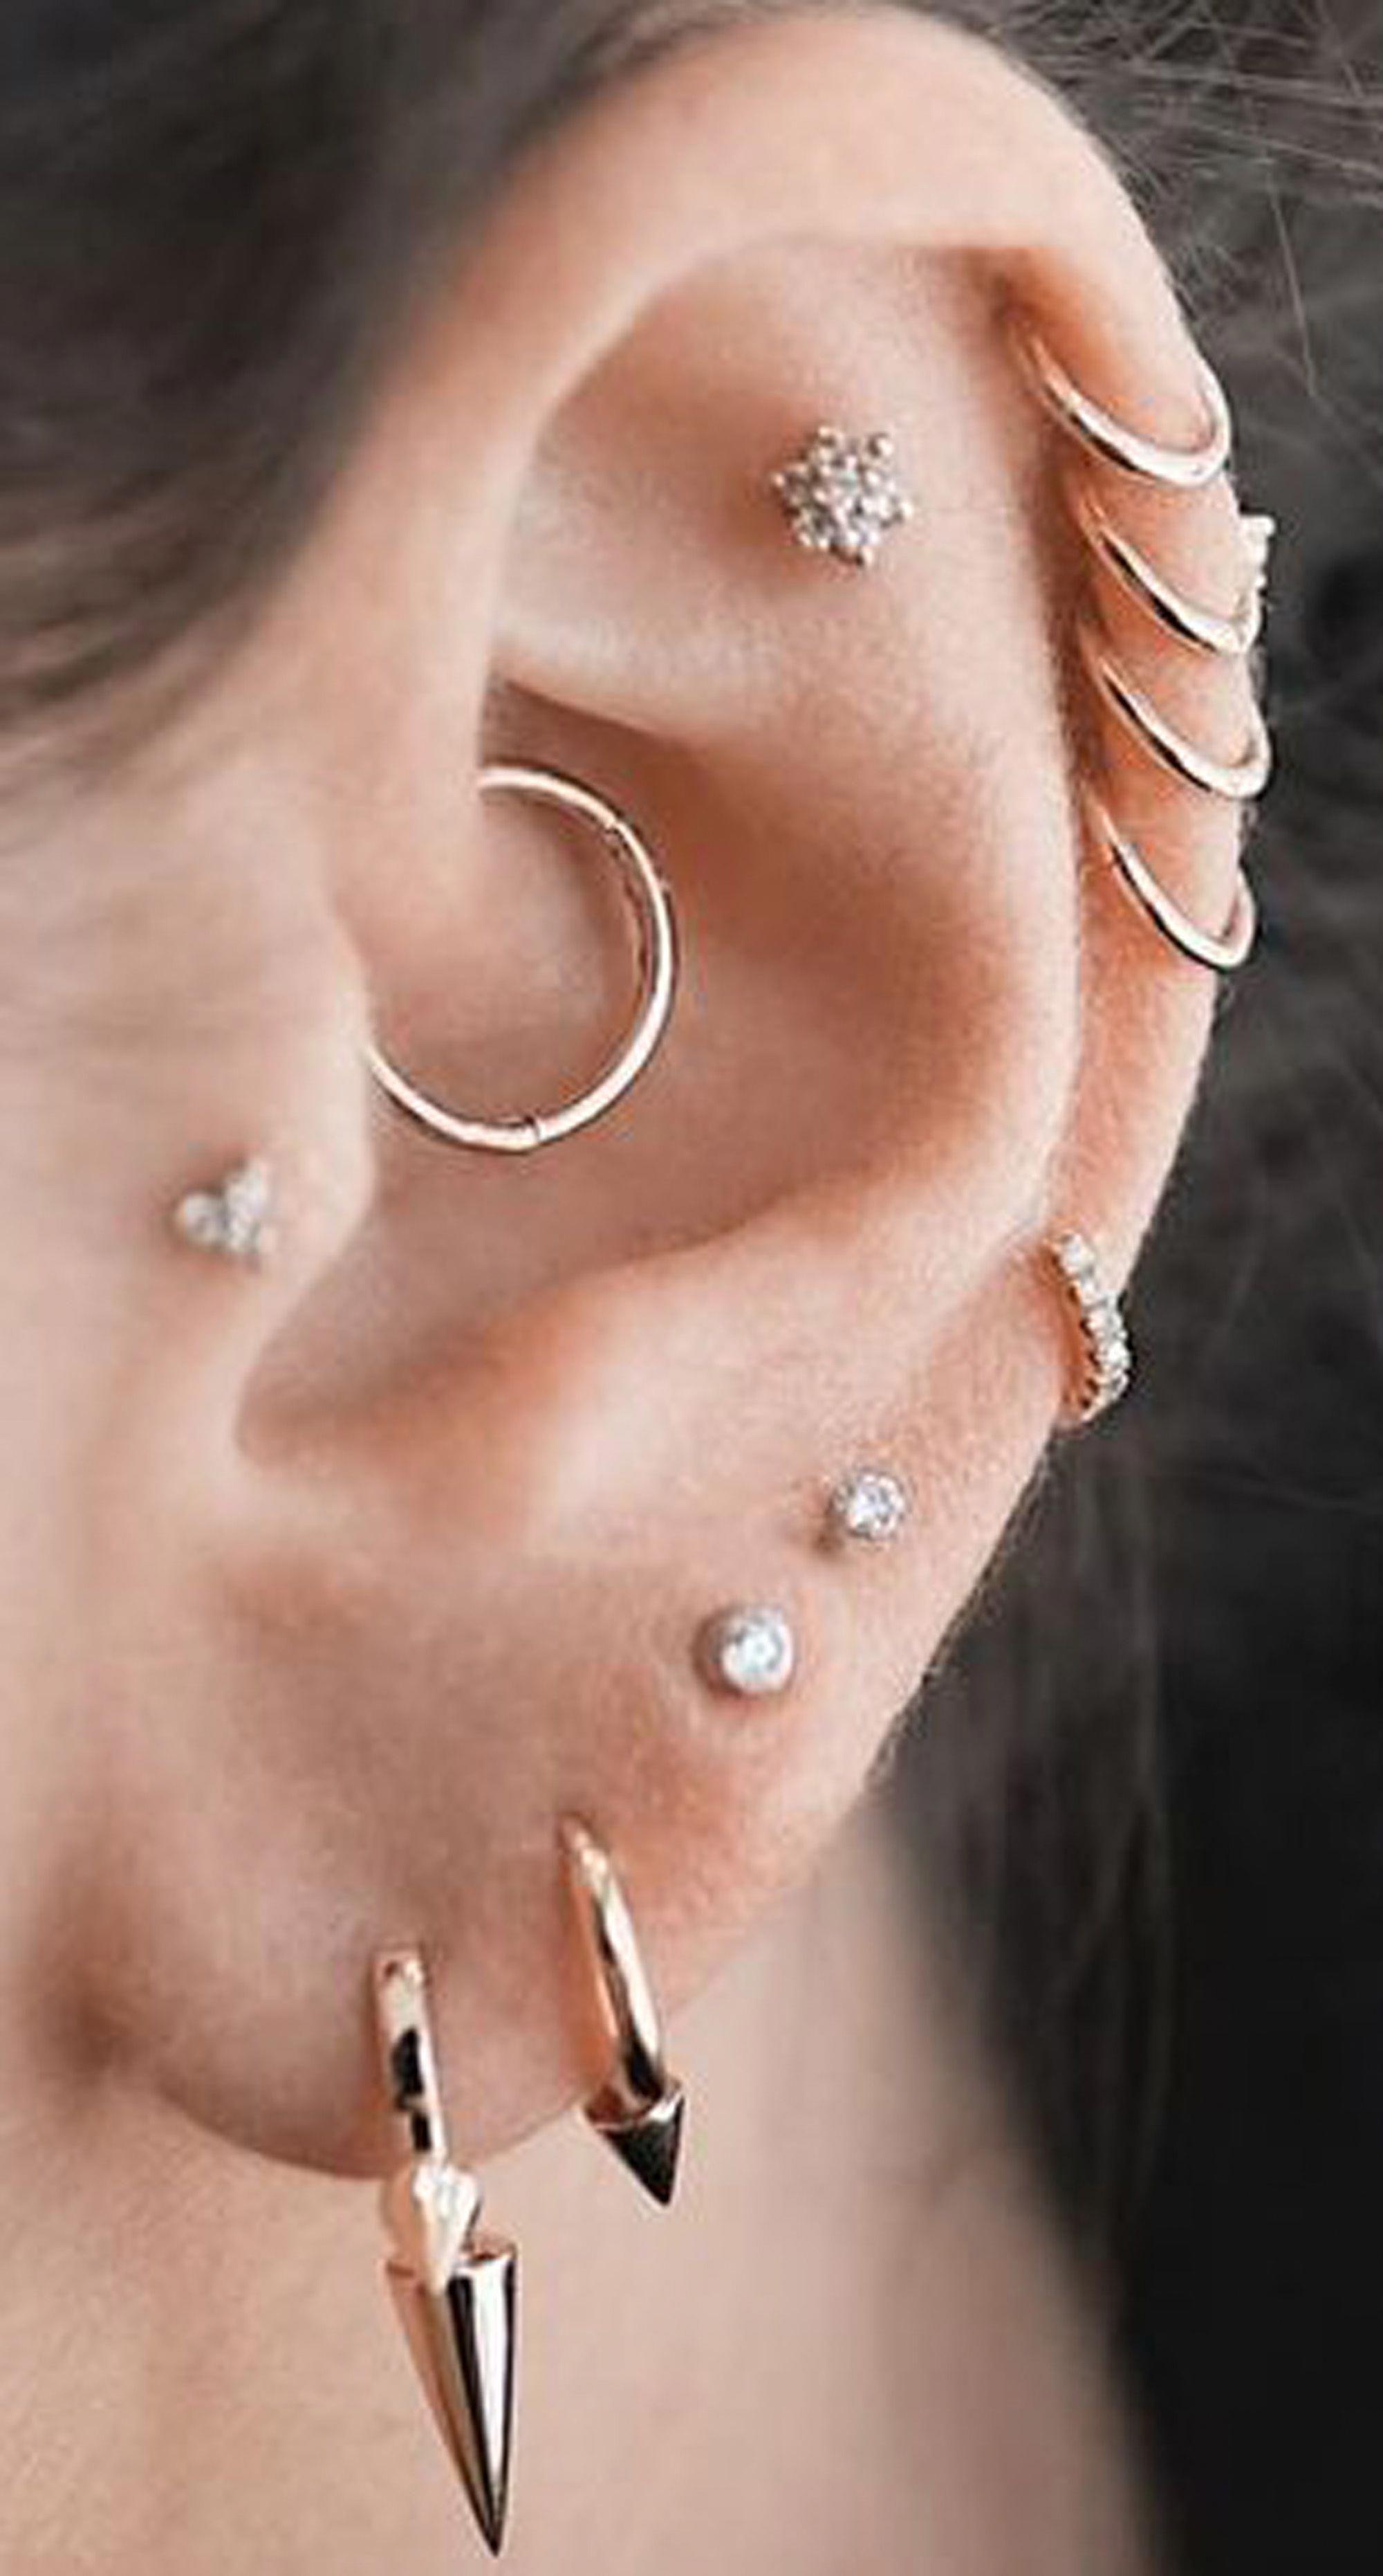 031b927a5 pretty ear piercing ideas multiple combinations cartilage helix daith ring  hoop flower earring set #earringset